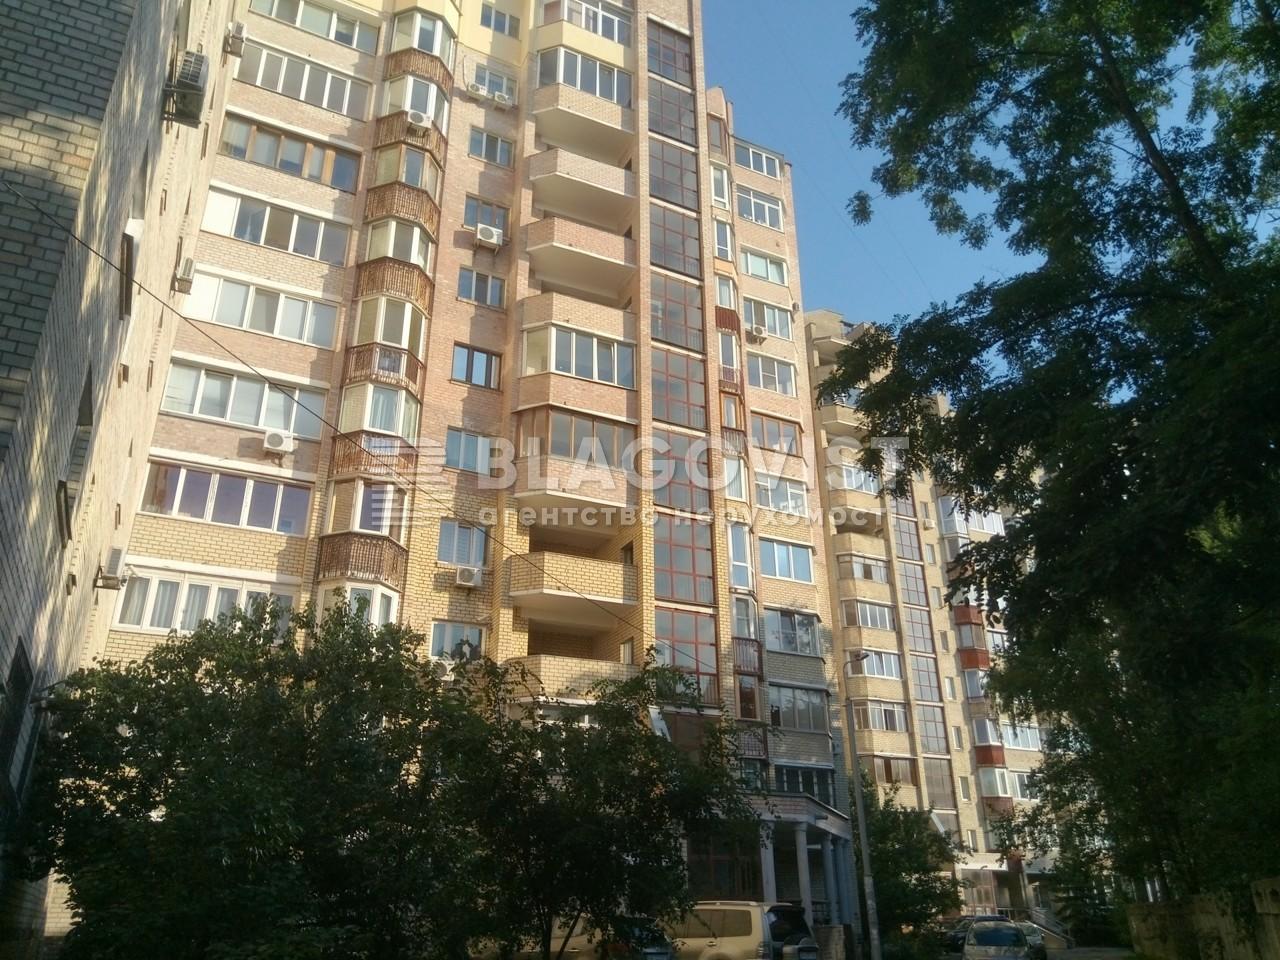 Квартира F-34489, Артиллерийский пер., 9а, Киев - Фото 2